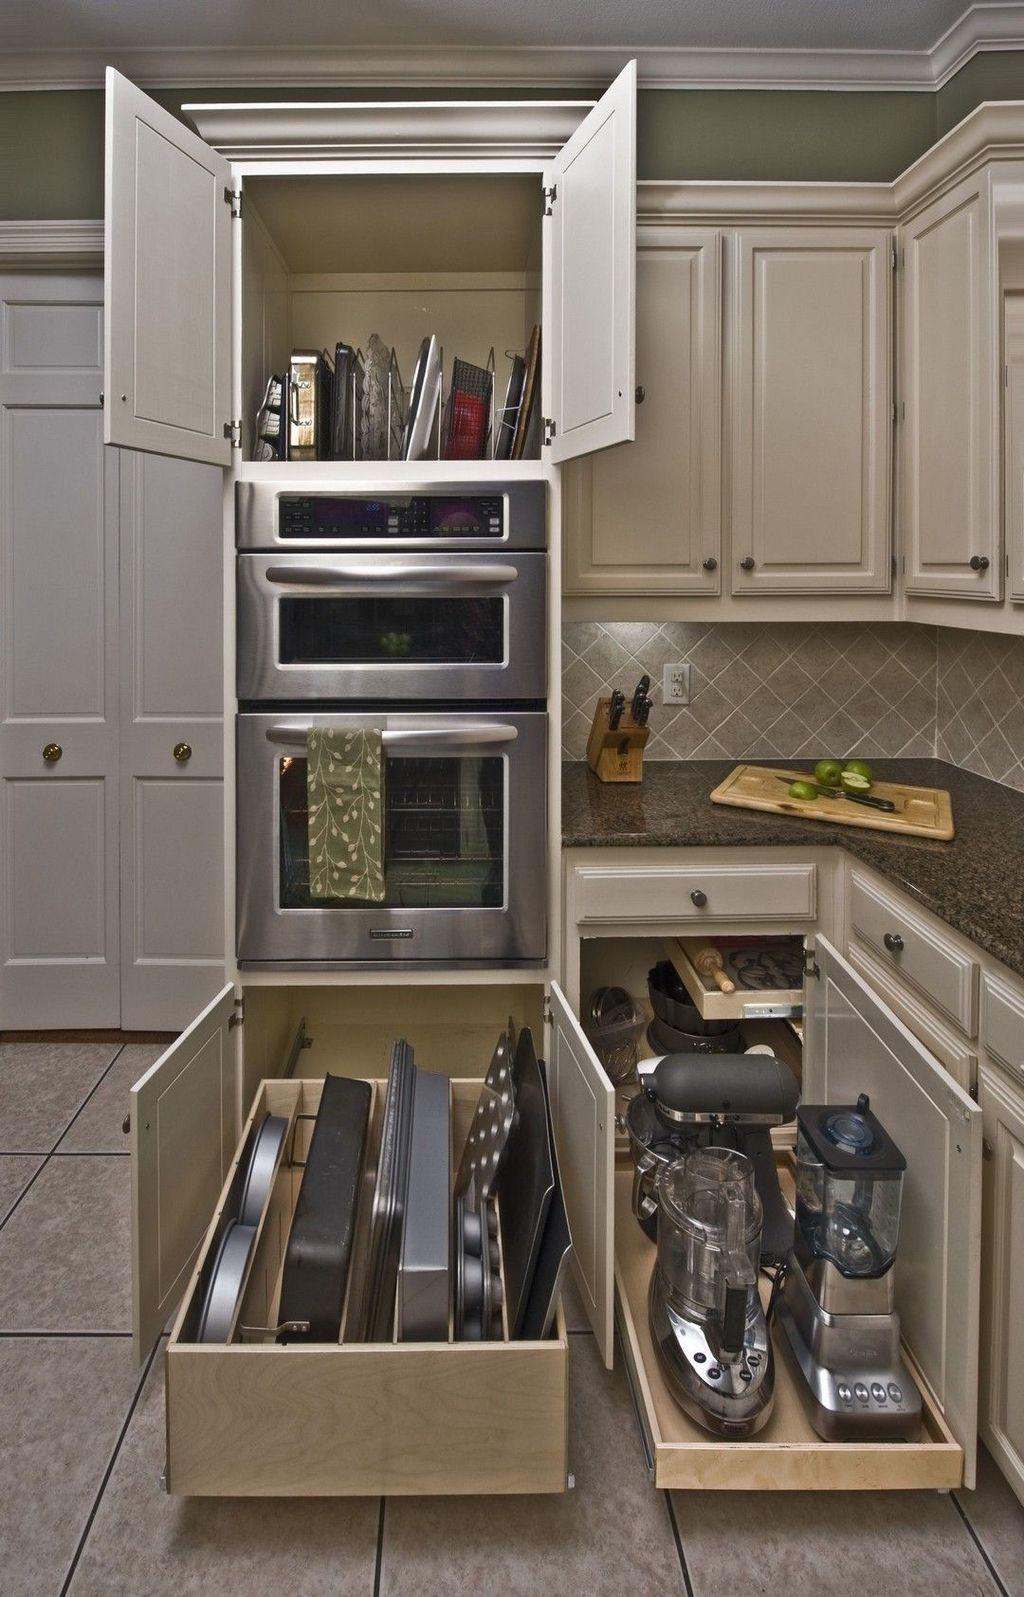 44 The Best Kitchen Organization Cabinet Ideas Kitchen Cabinet